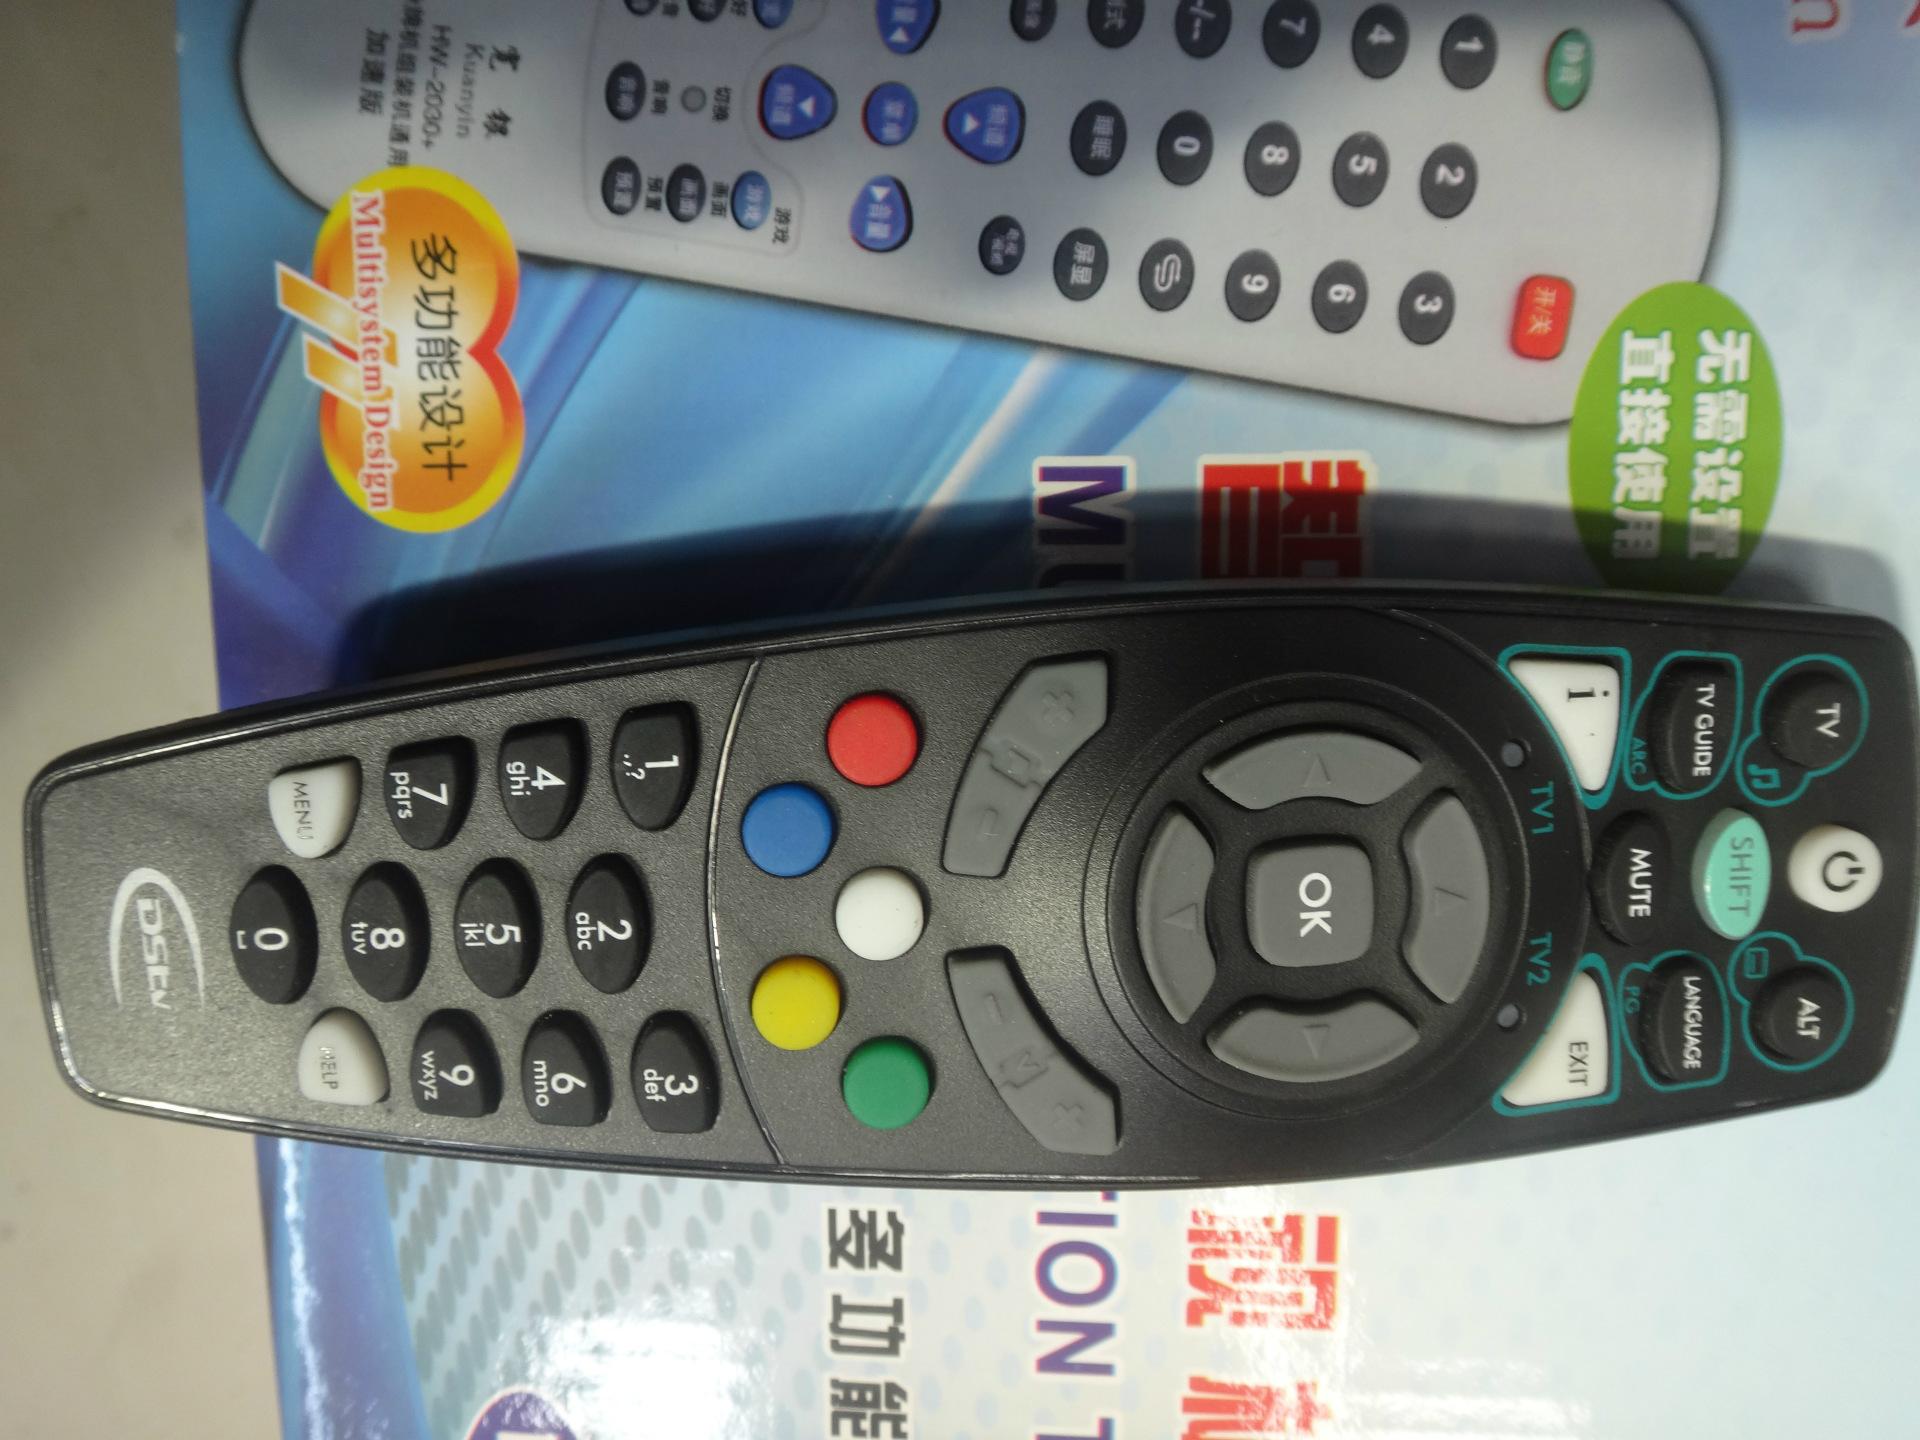 影音电器配件 厂家直销国外dstv家电配件遥控器特价 空调遥控器